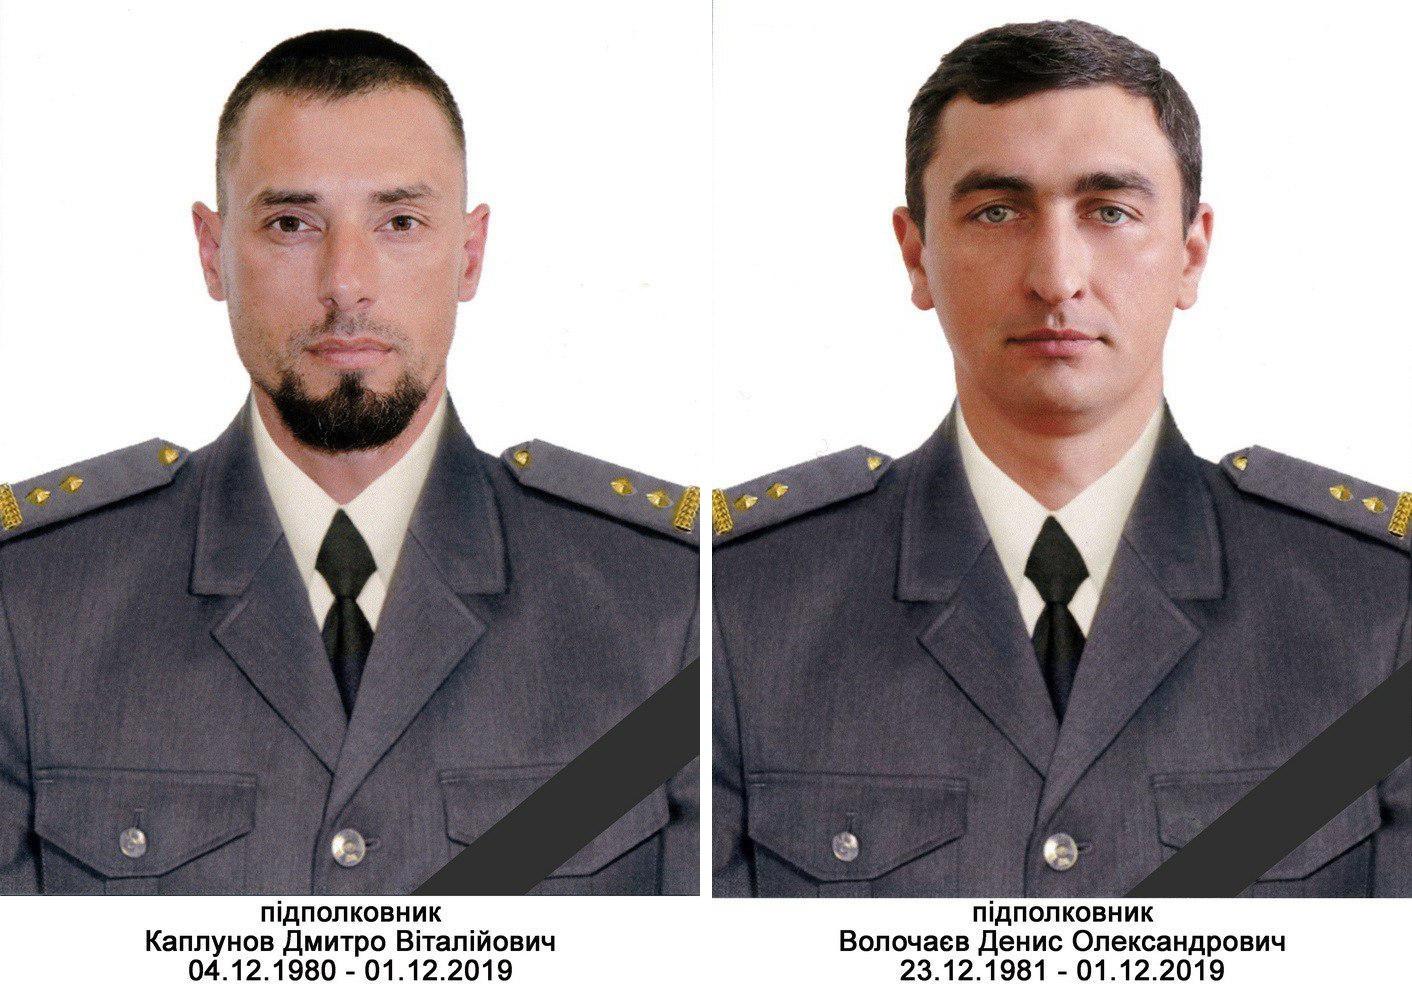 СБУ в эпицентре скандала: погибшие боевики спецслужб выполняли приказ по срыву перемирия на Донбассе